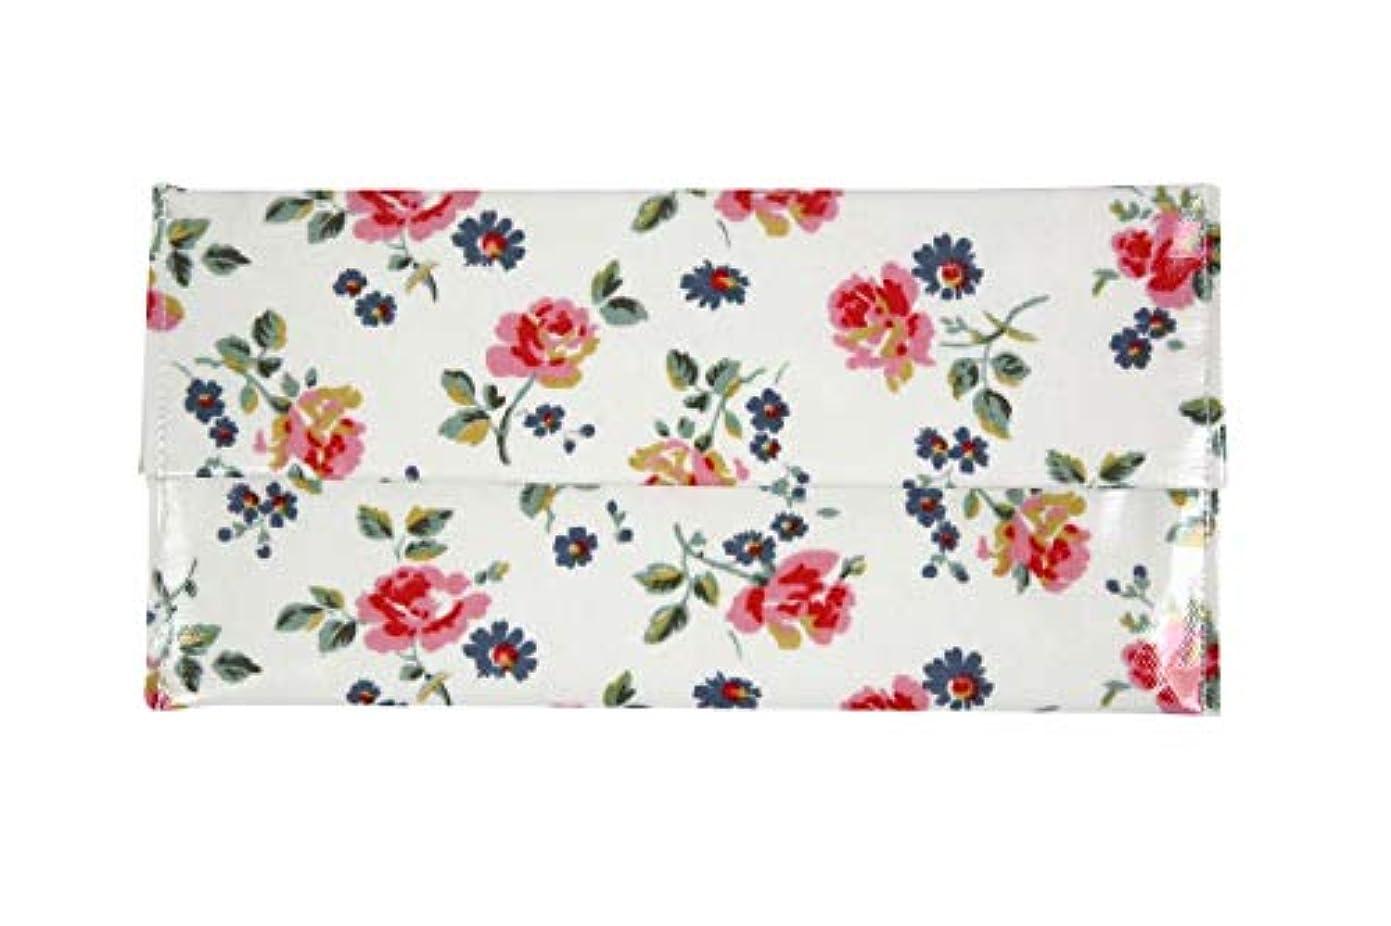 現代全く企業チェルシーオリジナル テッシュケース BOXサイズ (Cut Roses ホワイト) 手作り 日本製 花柄でバッグとおそろい?